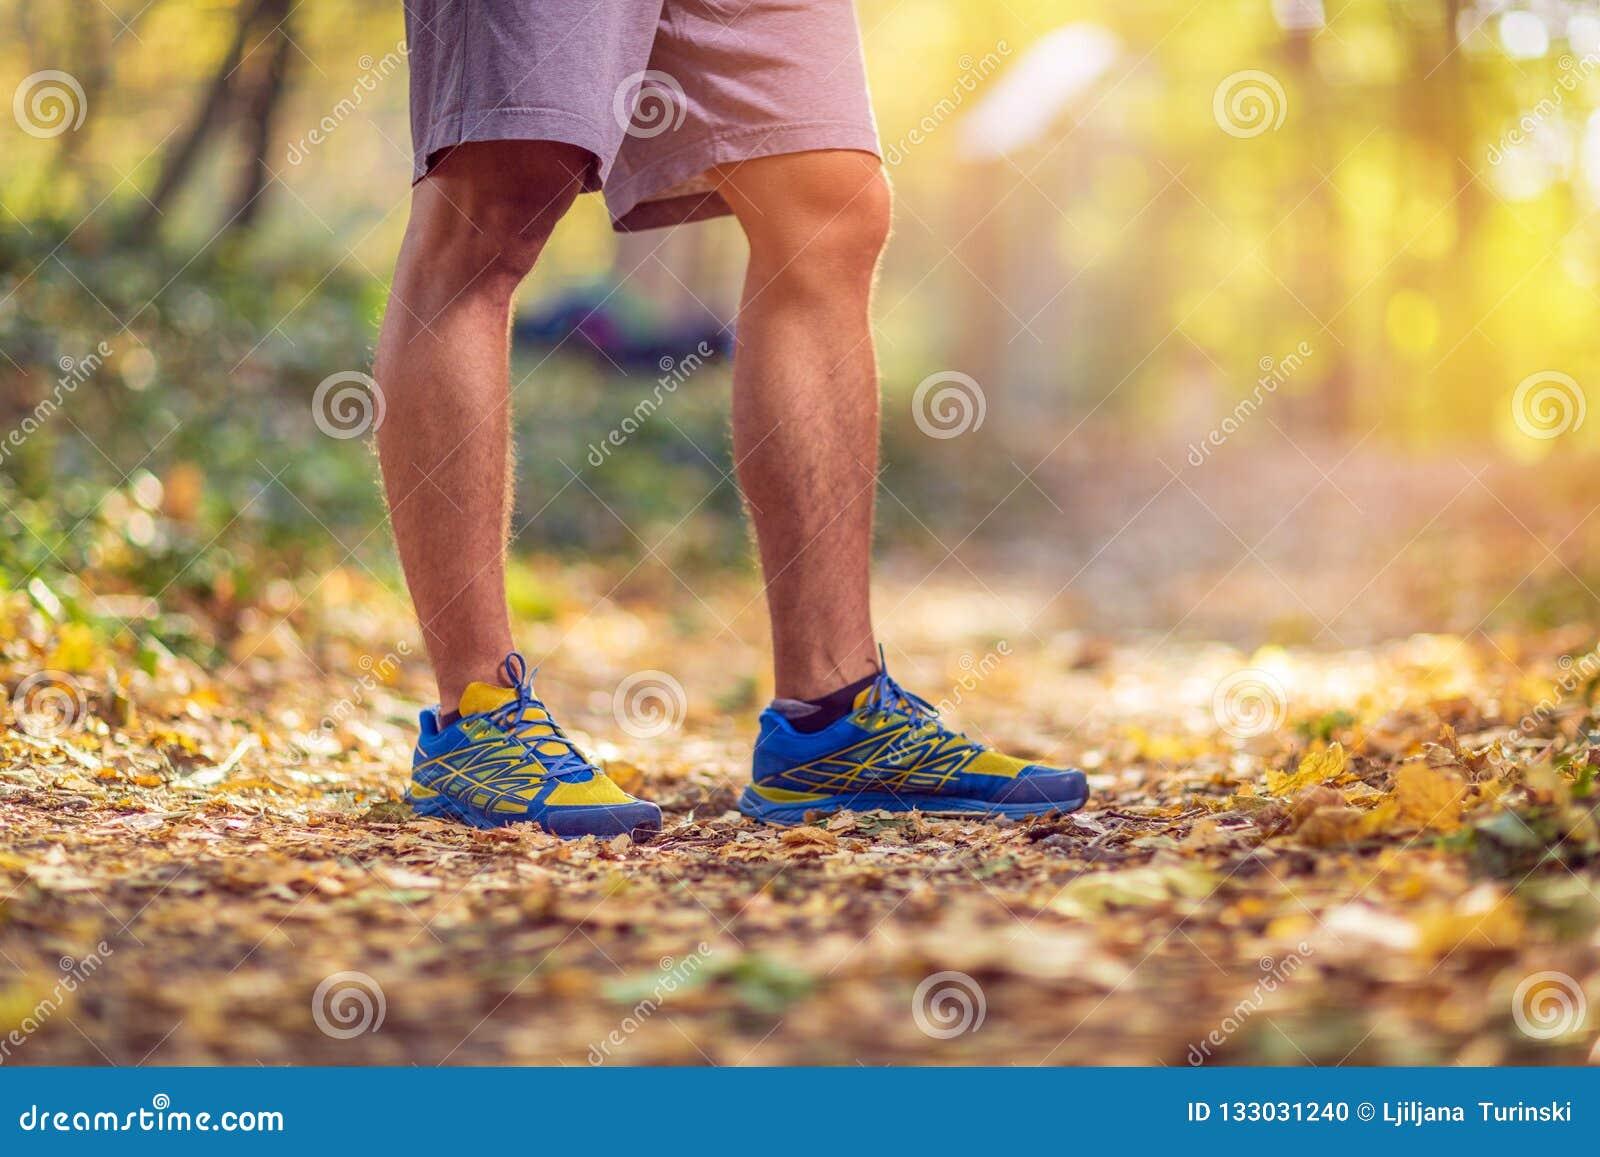 Τρέχοντας άτομο αθλητικής ικανότητας Κλείστε επάνω των αρσενικών ποδιών και των παπουτσιών άτομο